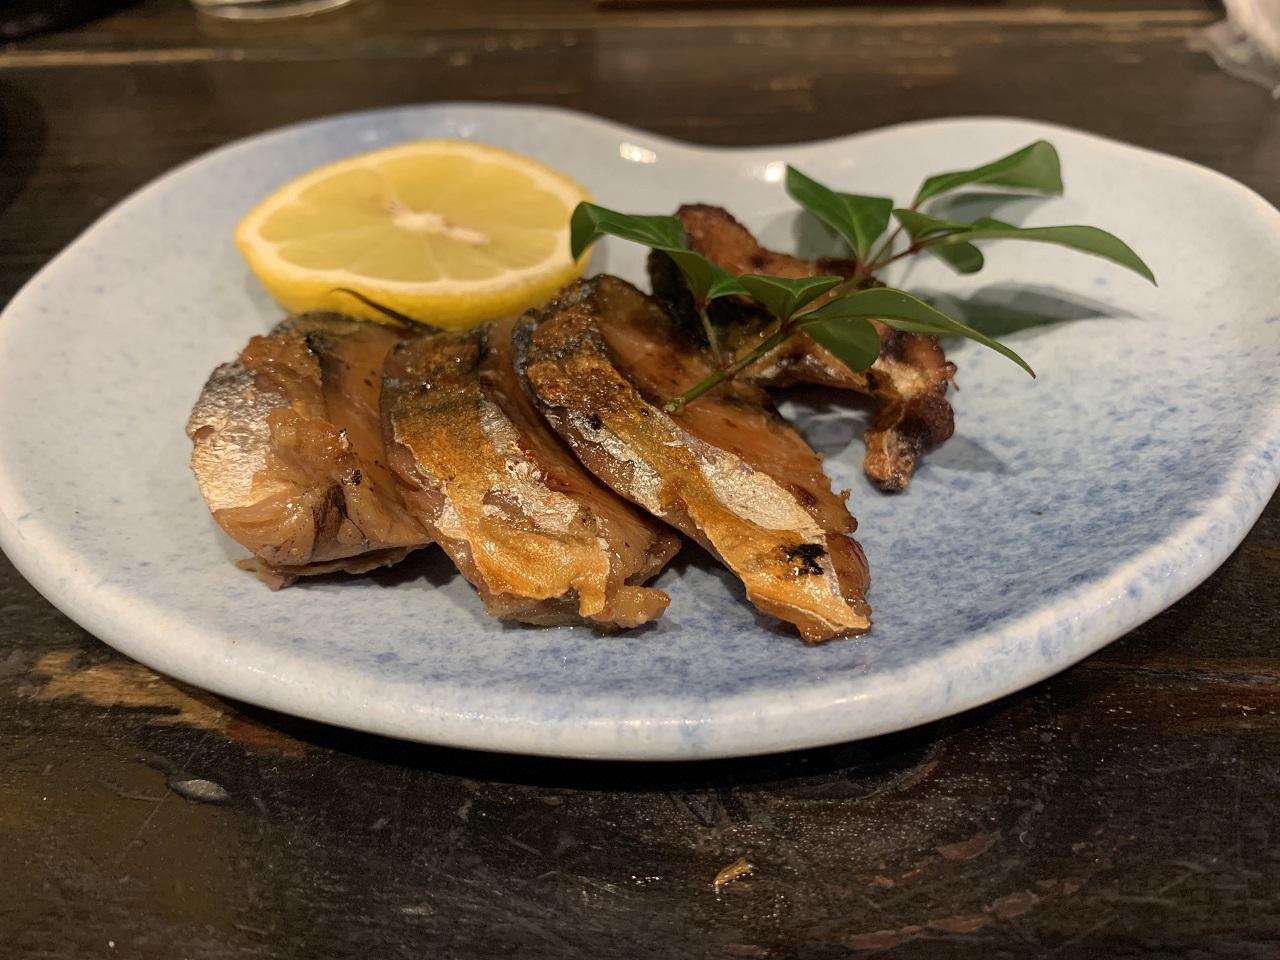 อาหาร จ.ฟุกุอิ (Fukui) - Heshiko